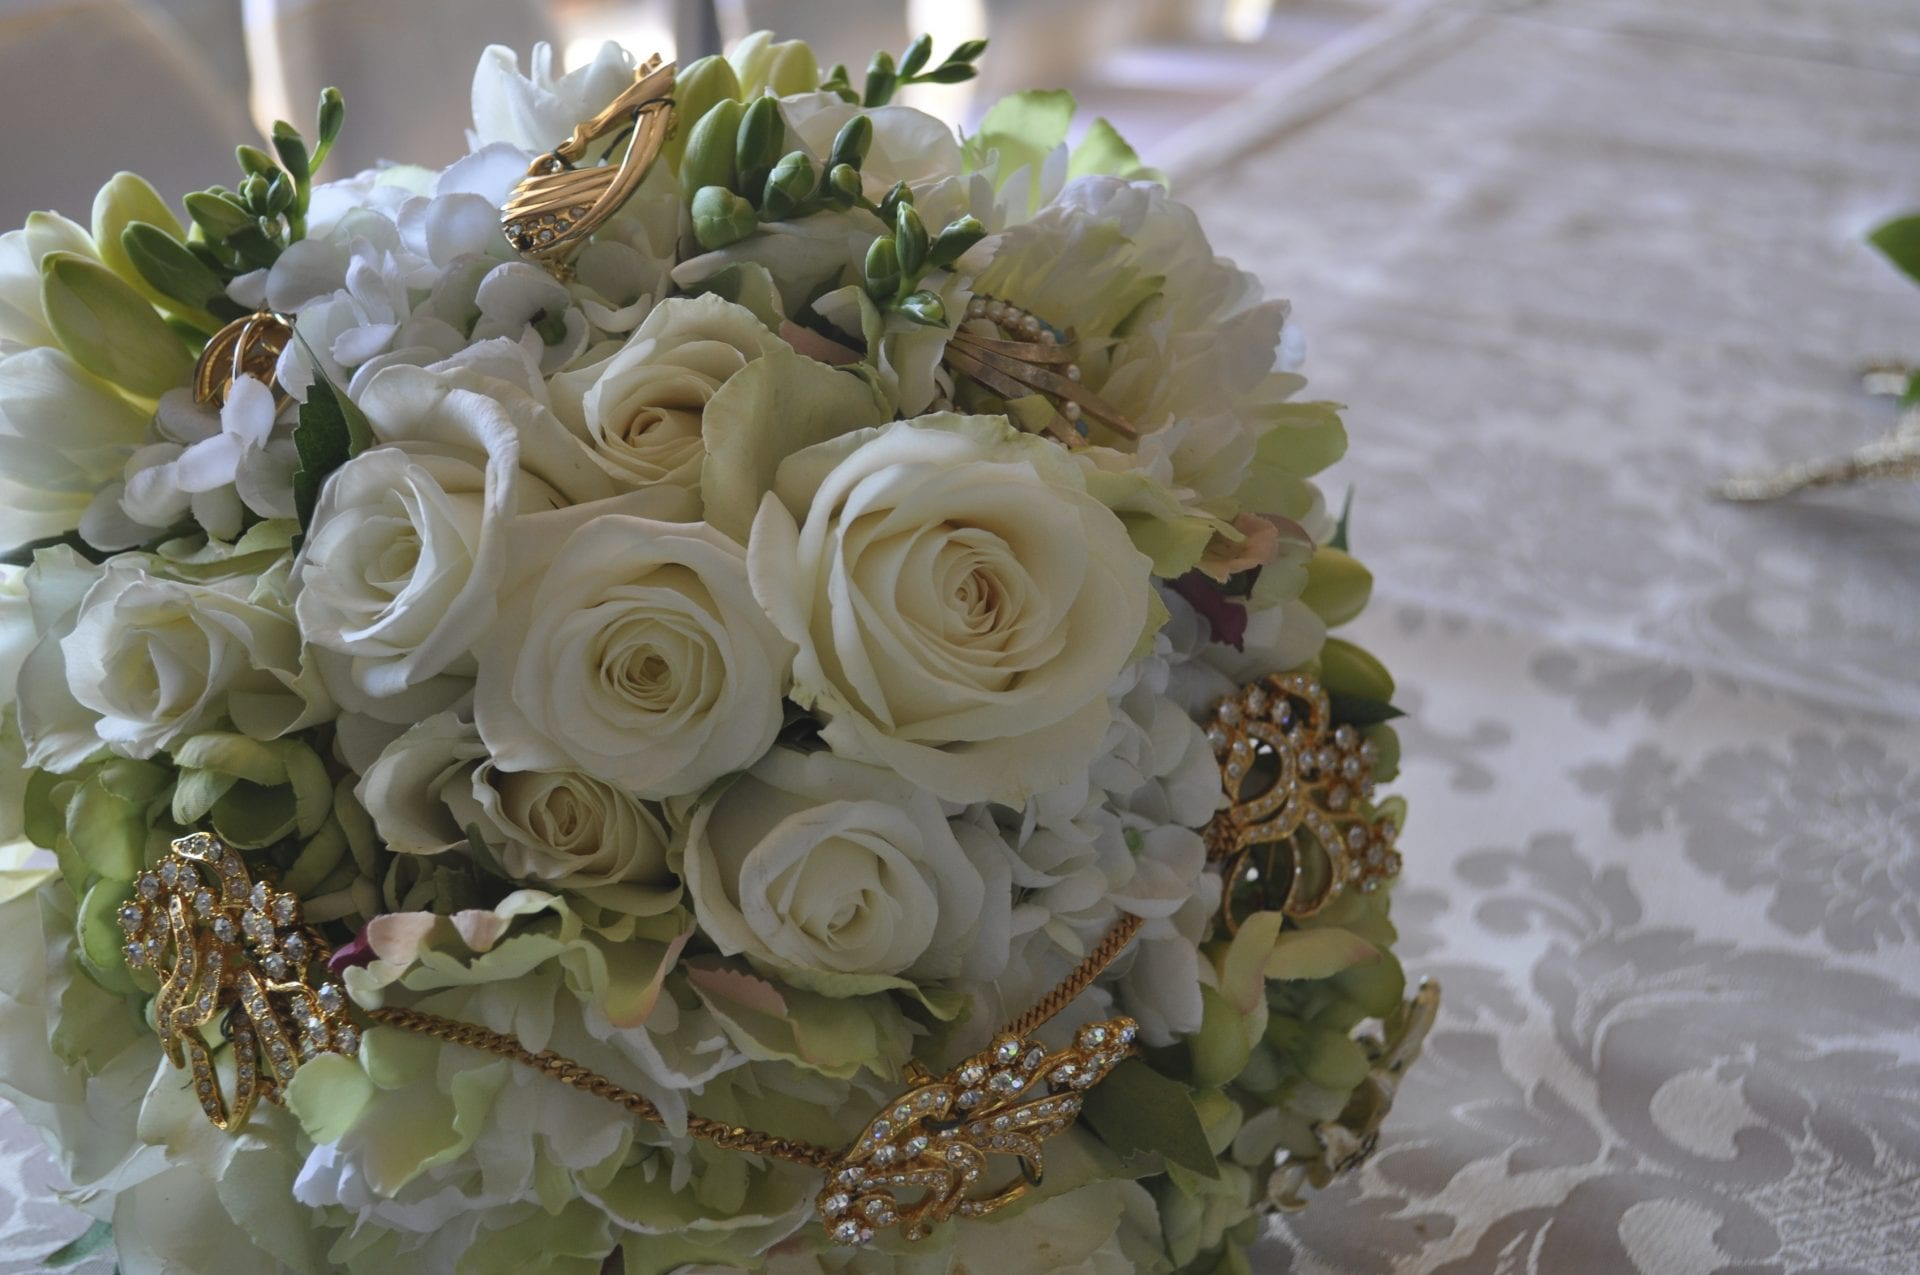 Kim Chan Events | Cream + Gold Floral Arrangement Centerpiece